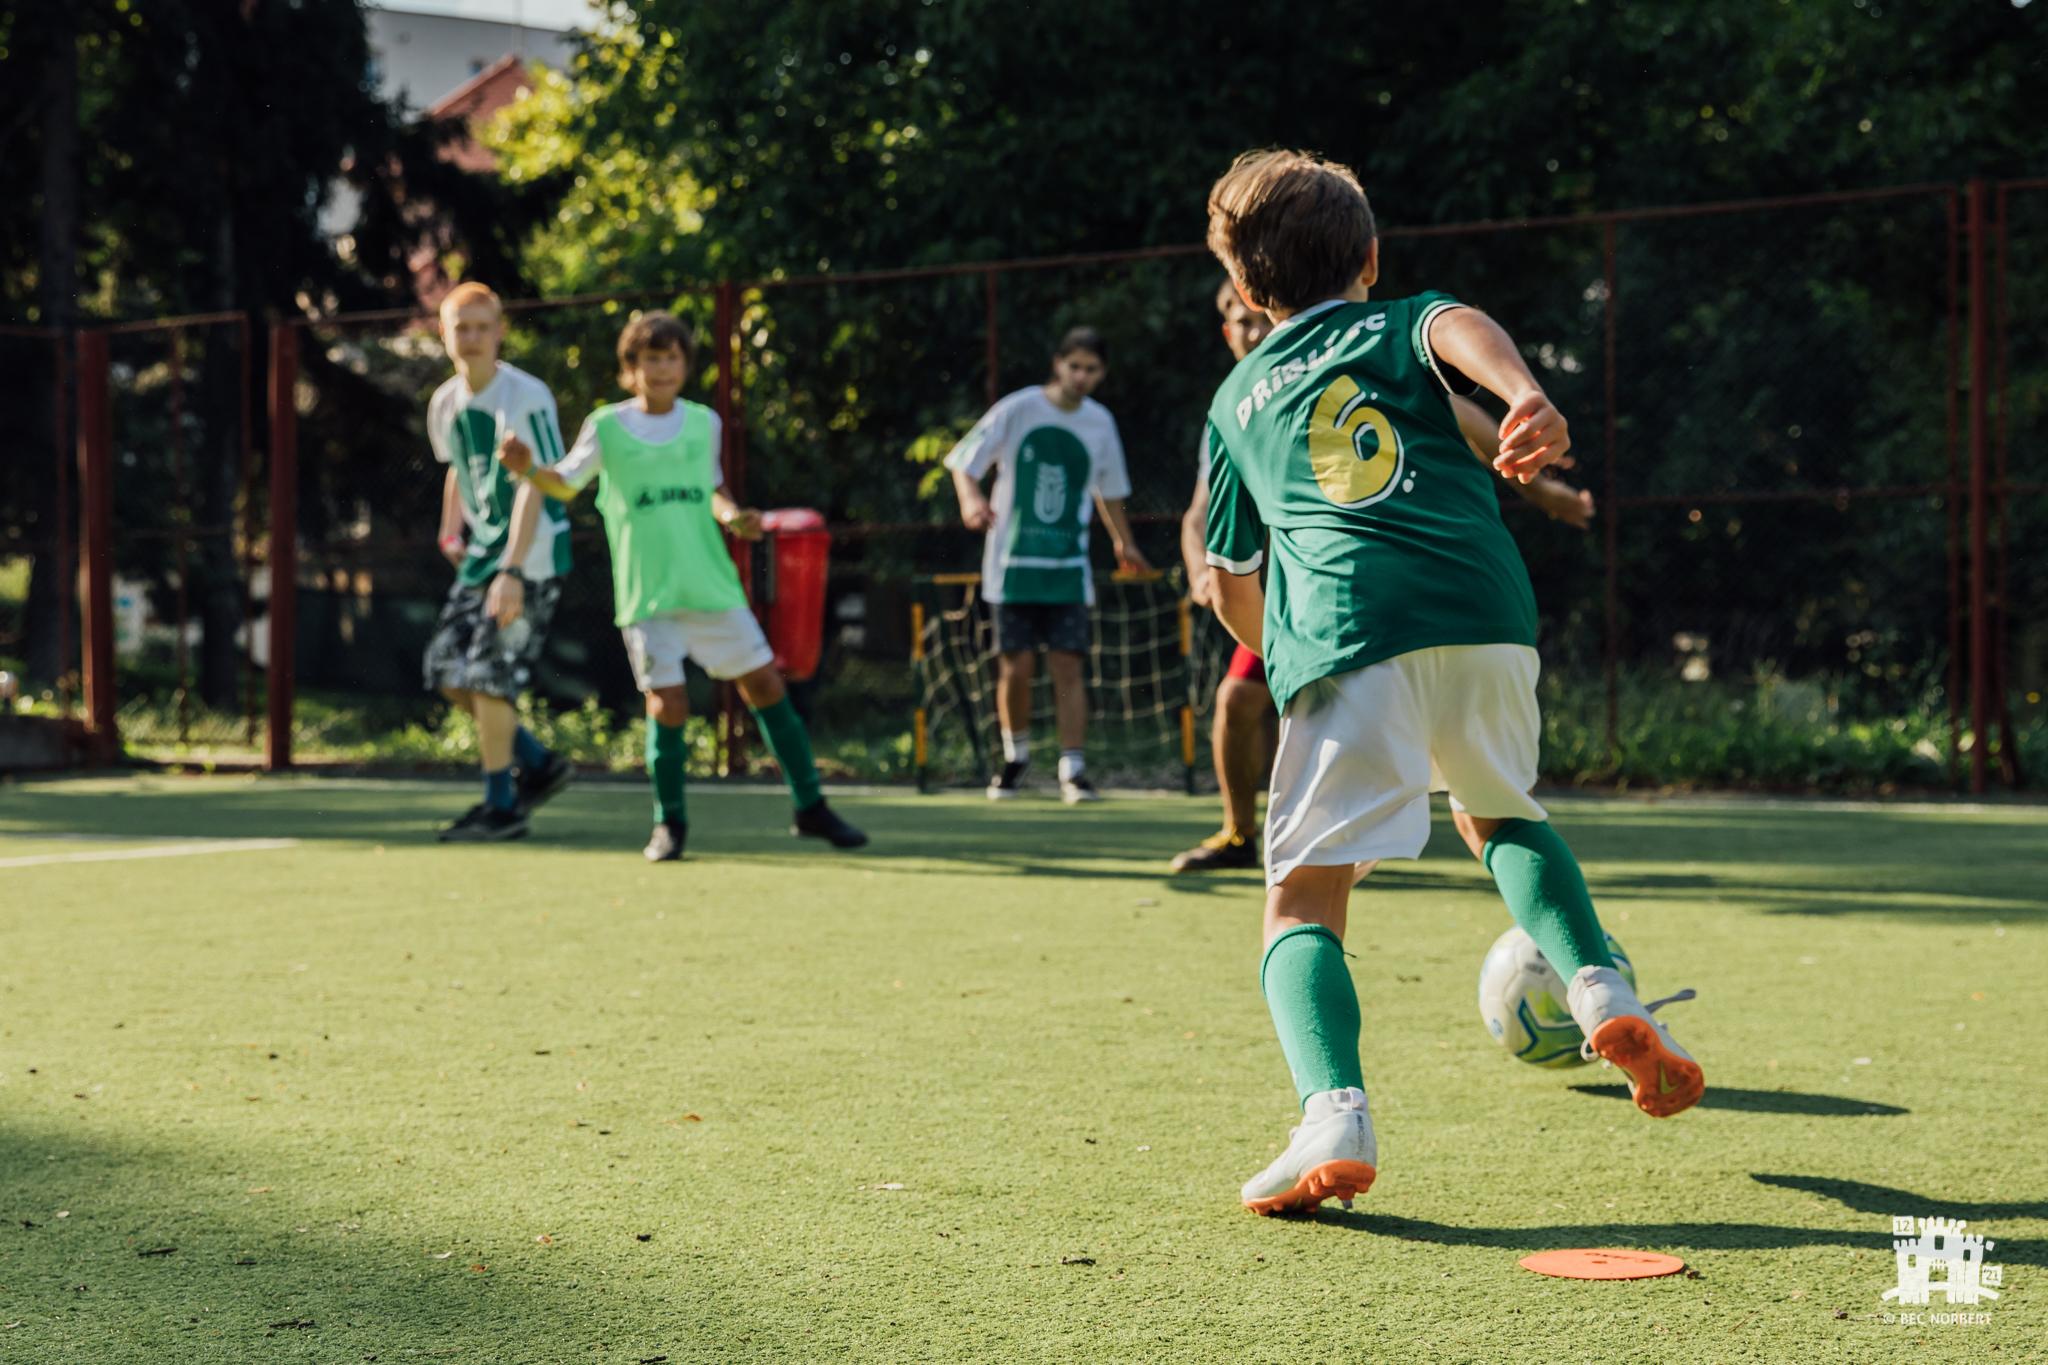 Campionatul de Fotbal DRIBLI pentru personalităţi ale vieţii publice. Ediţia a VII-a